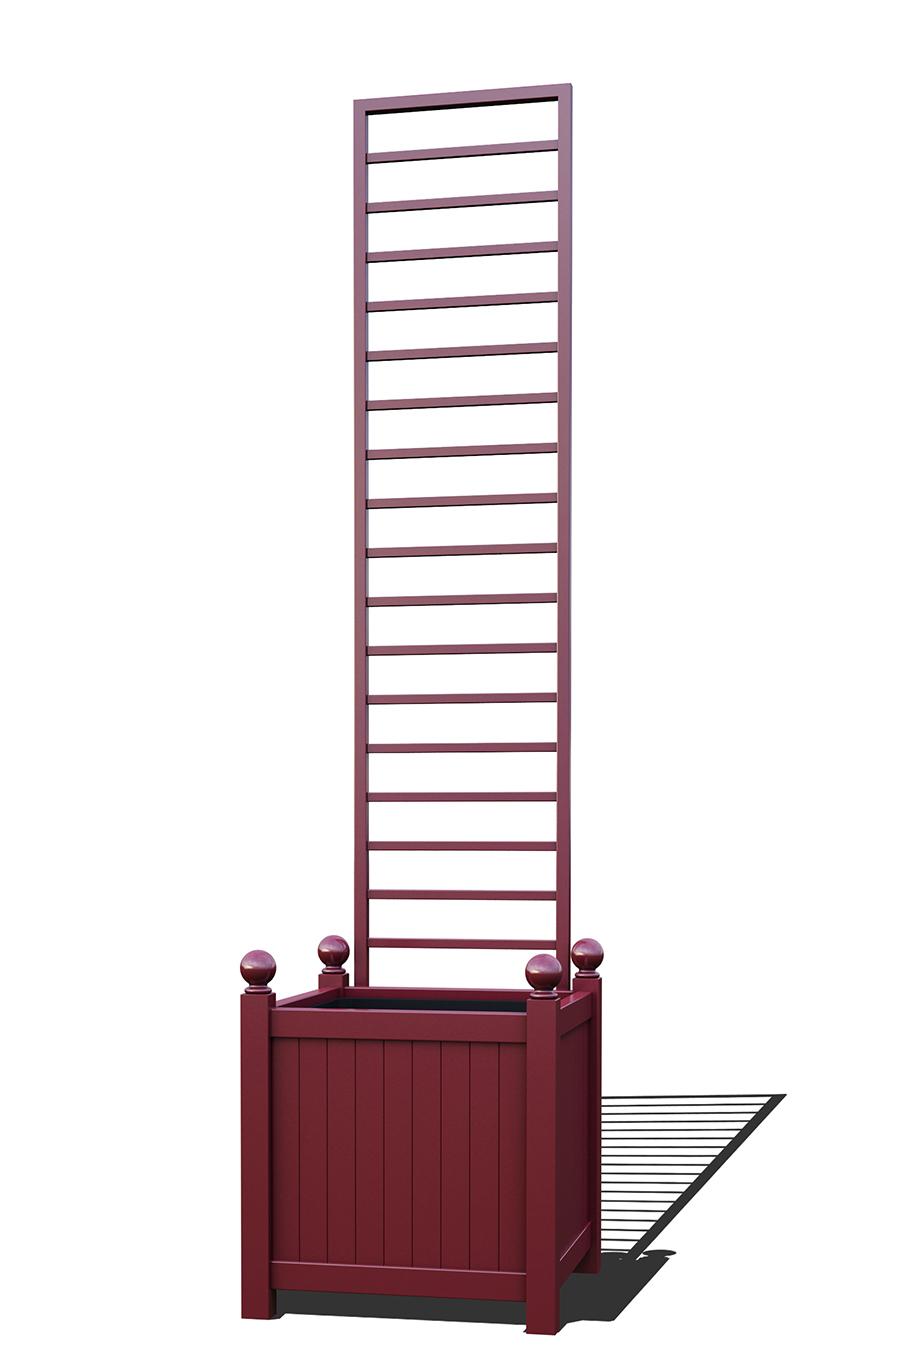 R23-Y-LHD-Versailler Pflanzkübel mit Rankgitter in RAL-3005 wine red